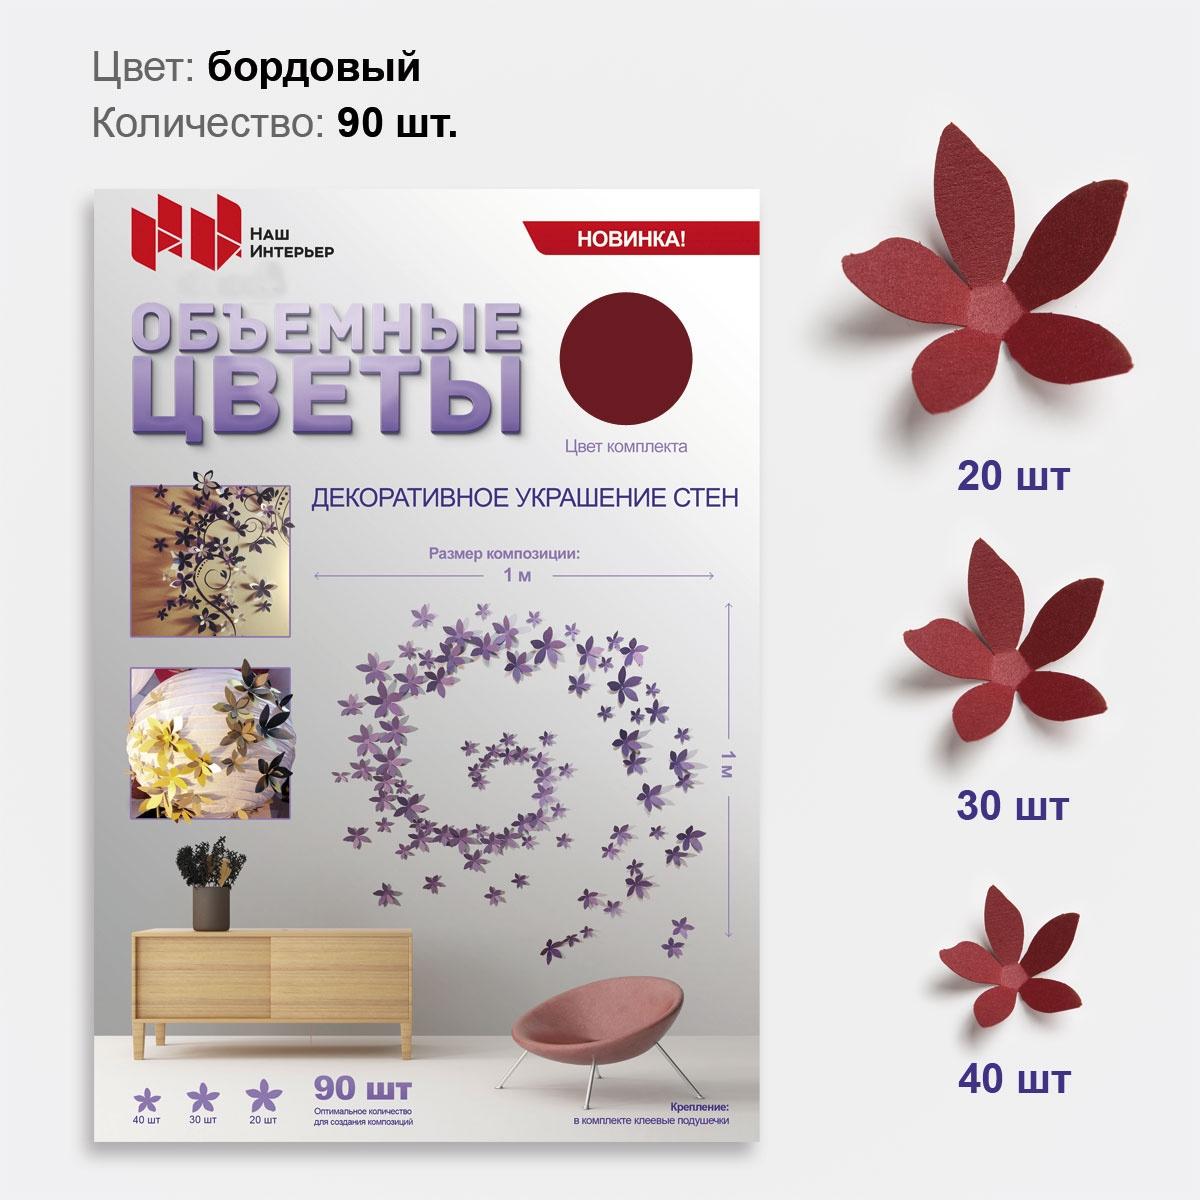 Дизайнерские цветы из бумаги, бордовый, 90 шт. 3d декор бабочки из бумаги дизайнерские наш интерьер бордовый 96 шт 3d декор